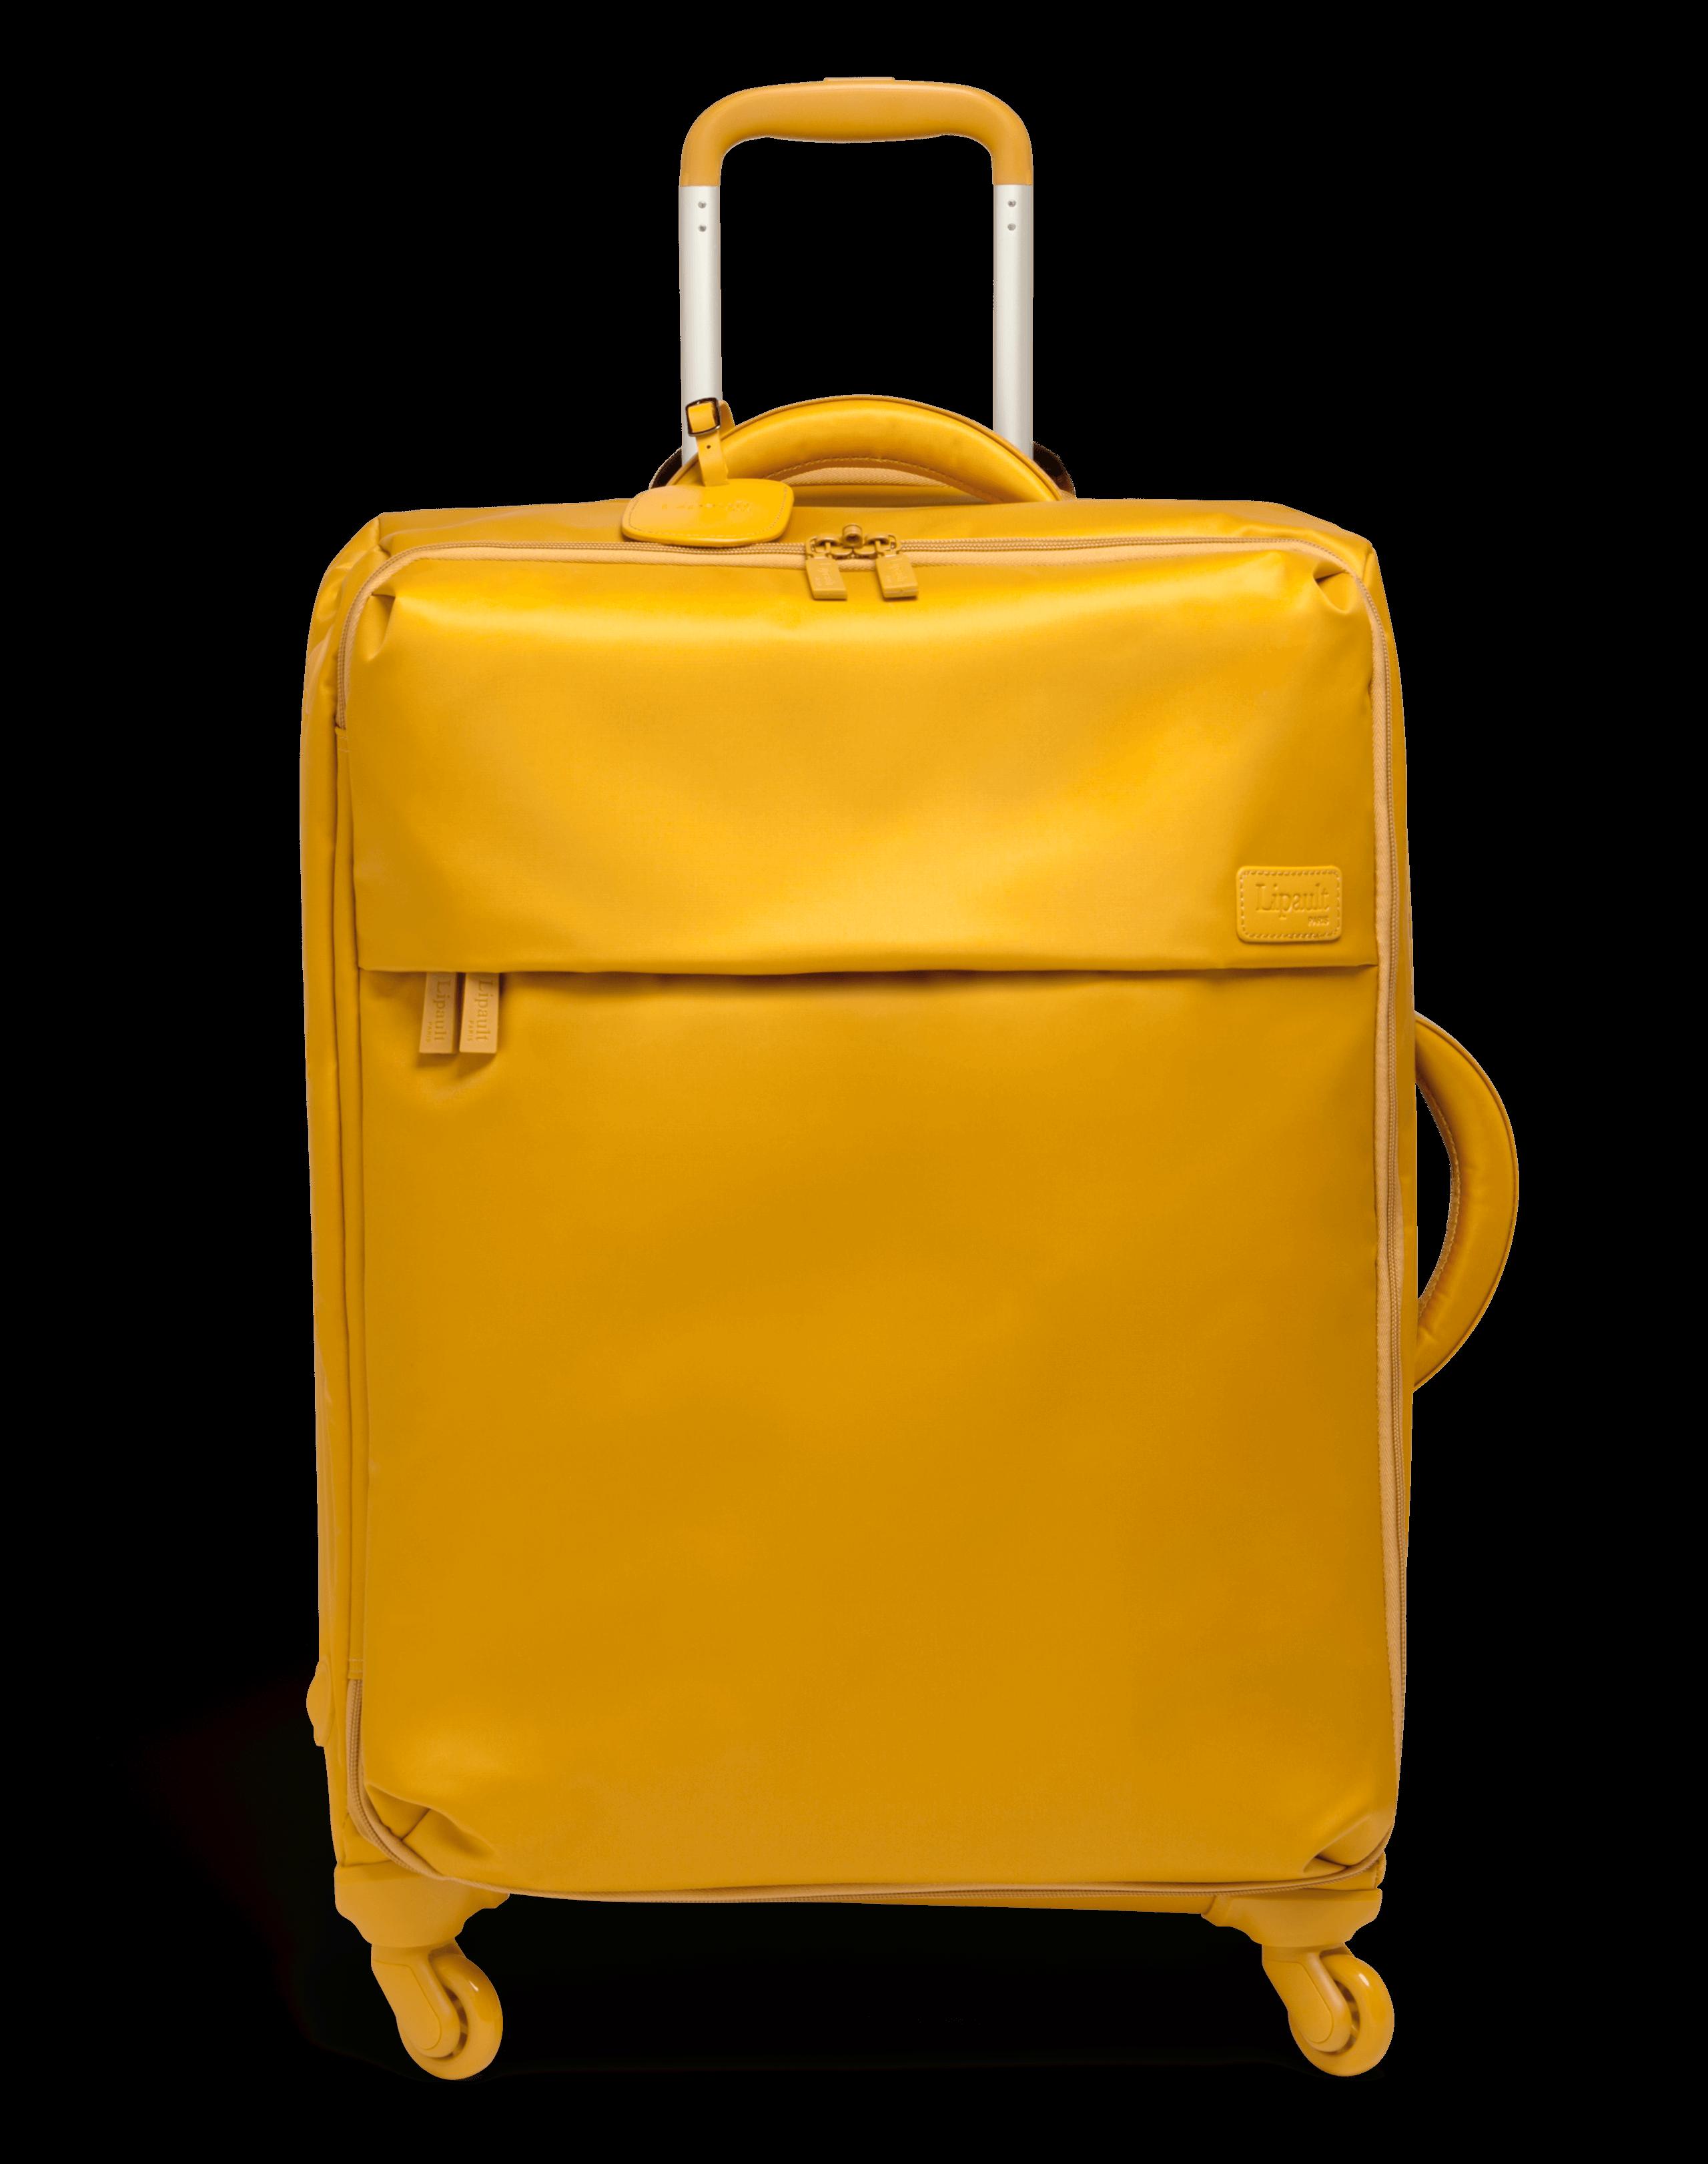 23 cm Samsonite Travel Accessoire Etiquette Orange